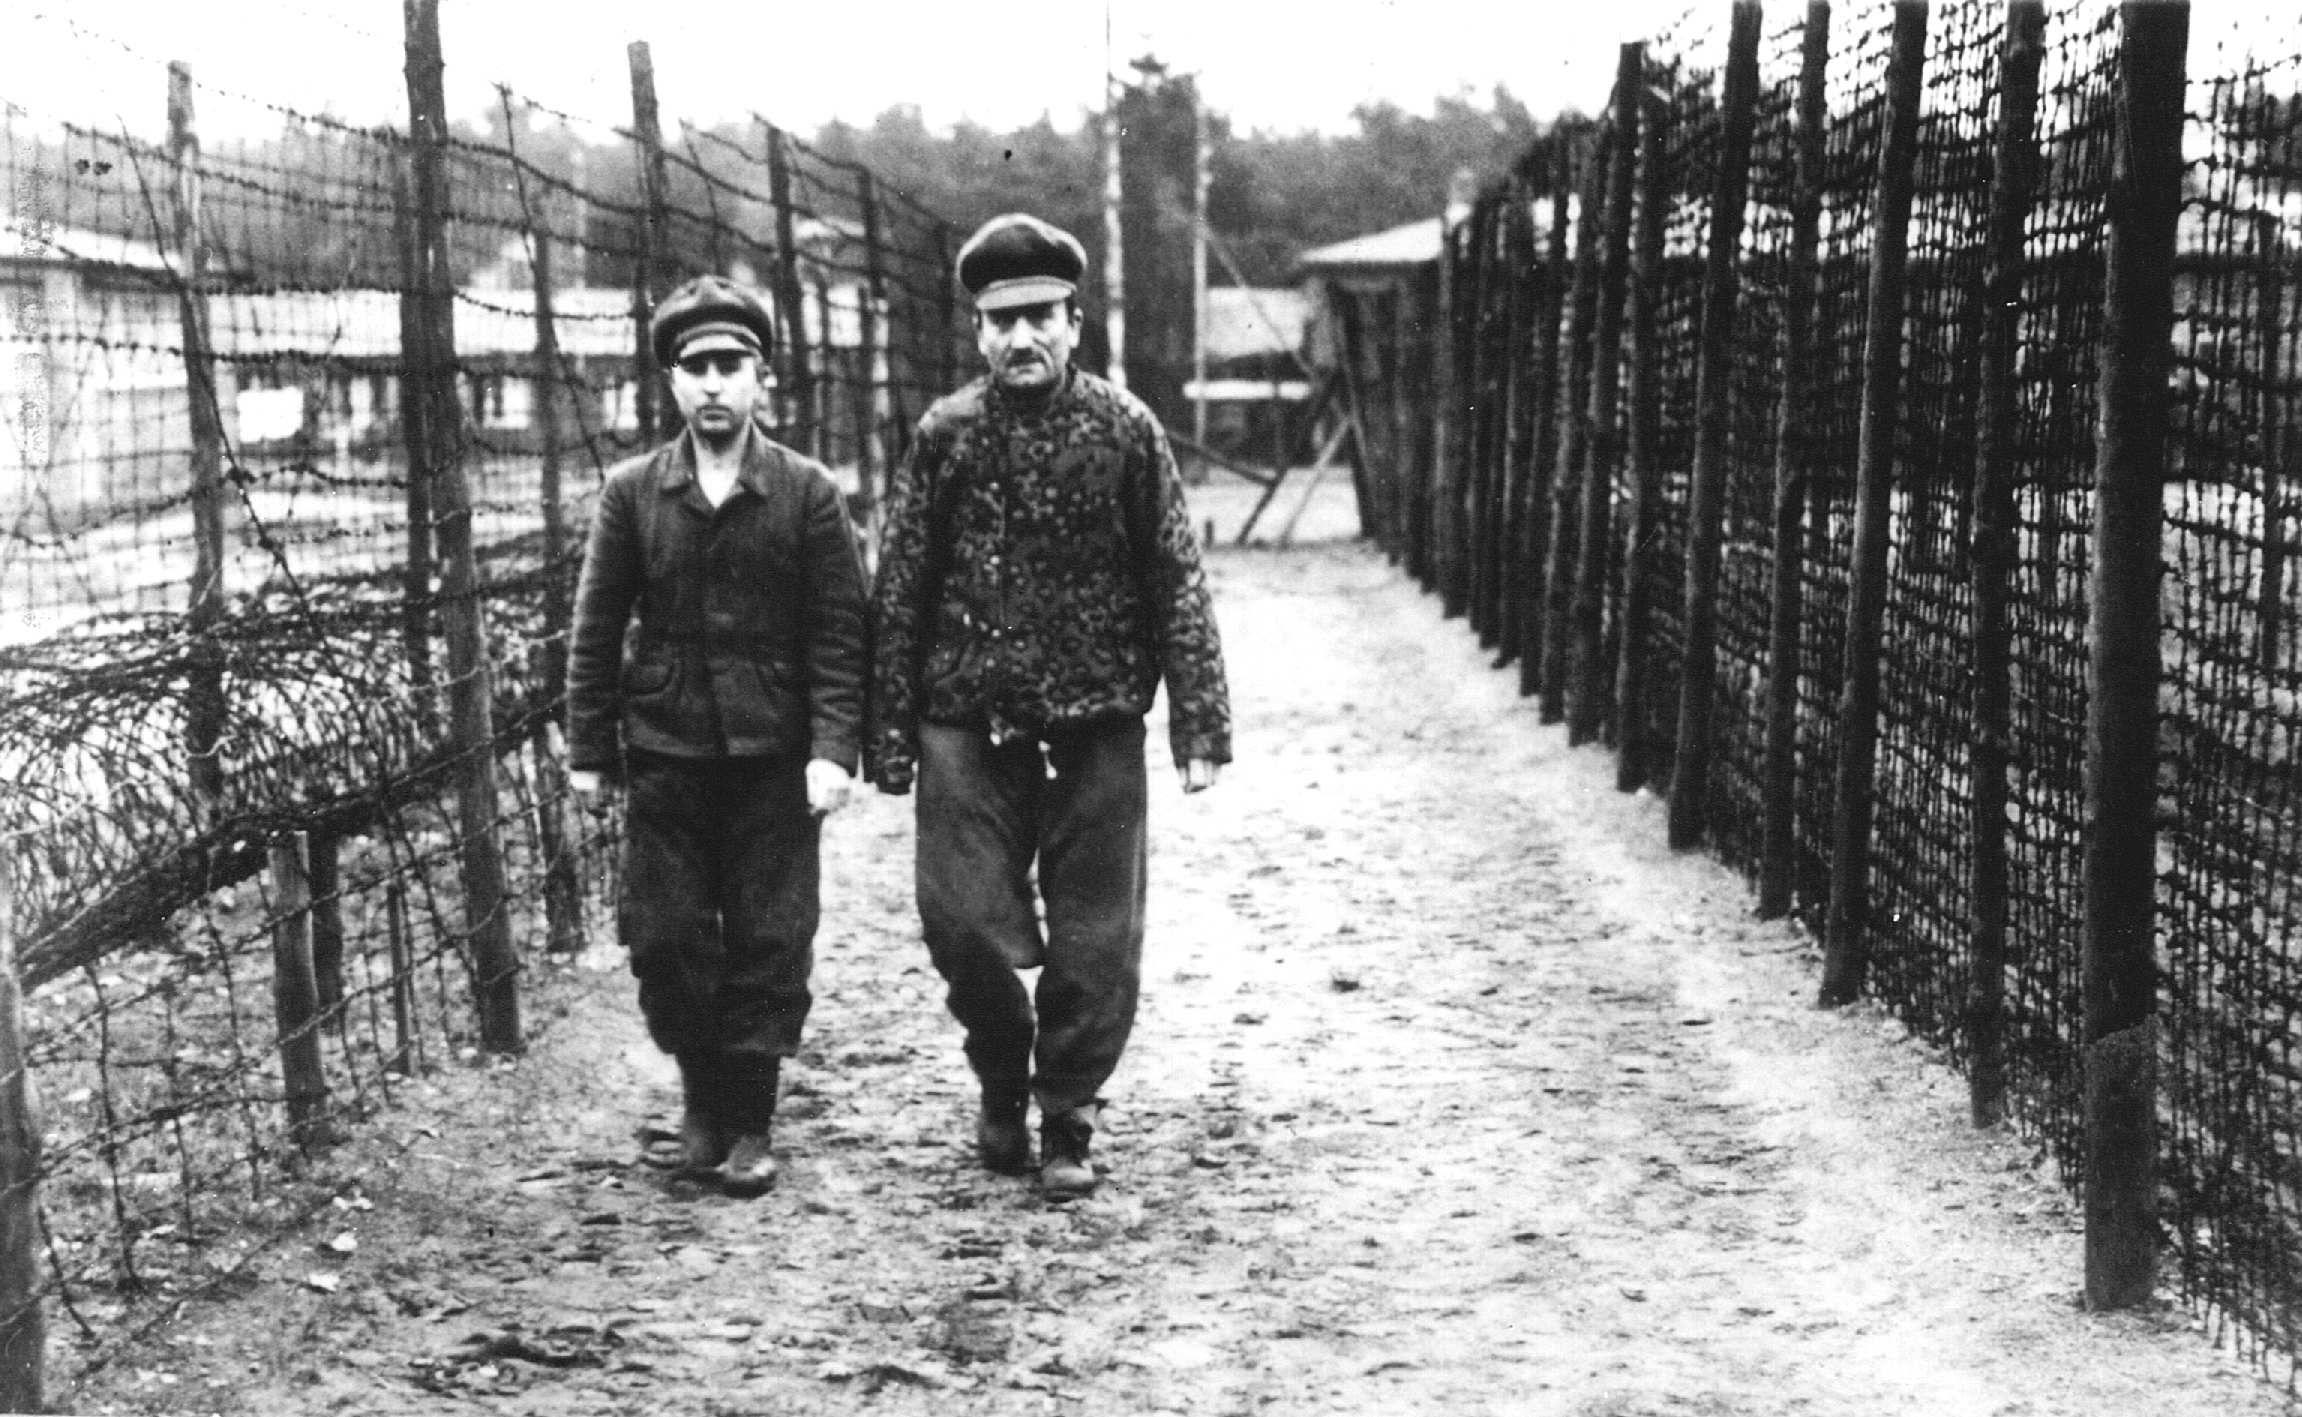 70 jaar Bevrijding Kamp Amersfoort